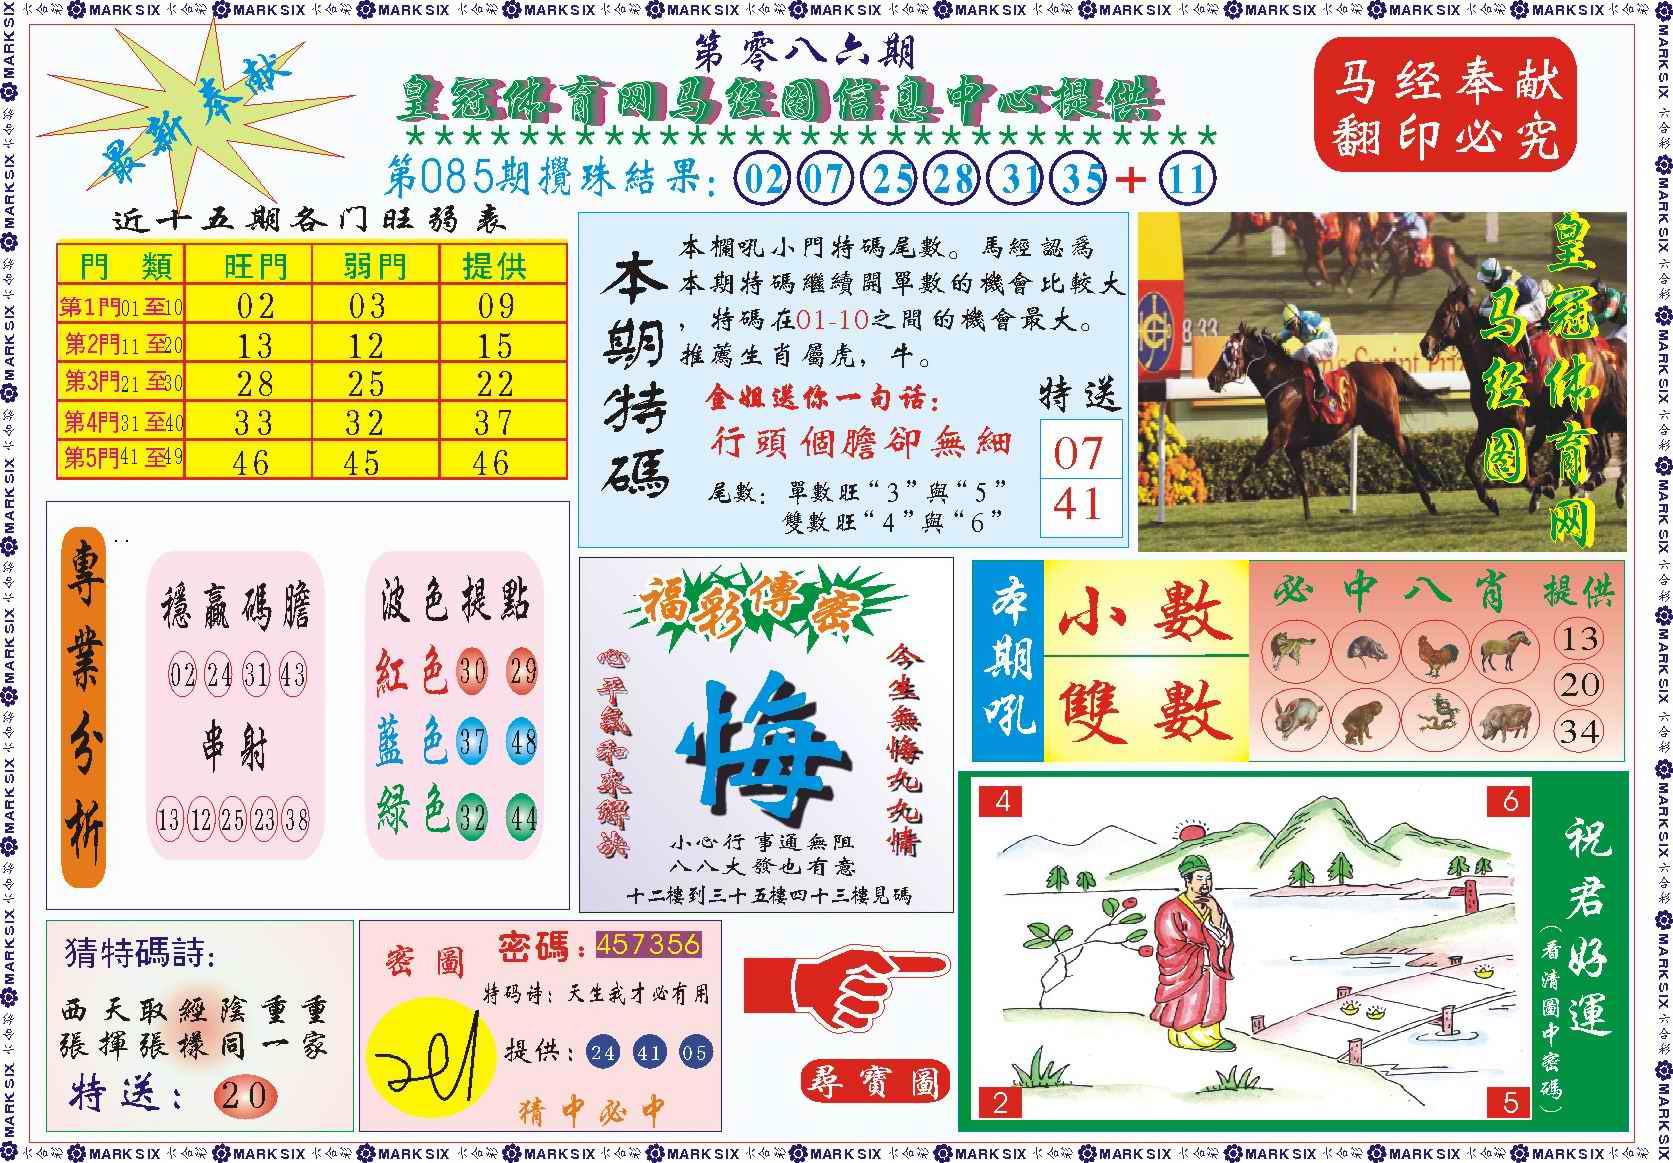 086期皇冠体育网马经图记录